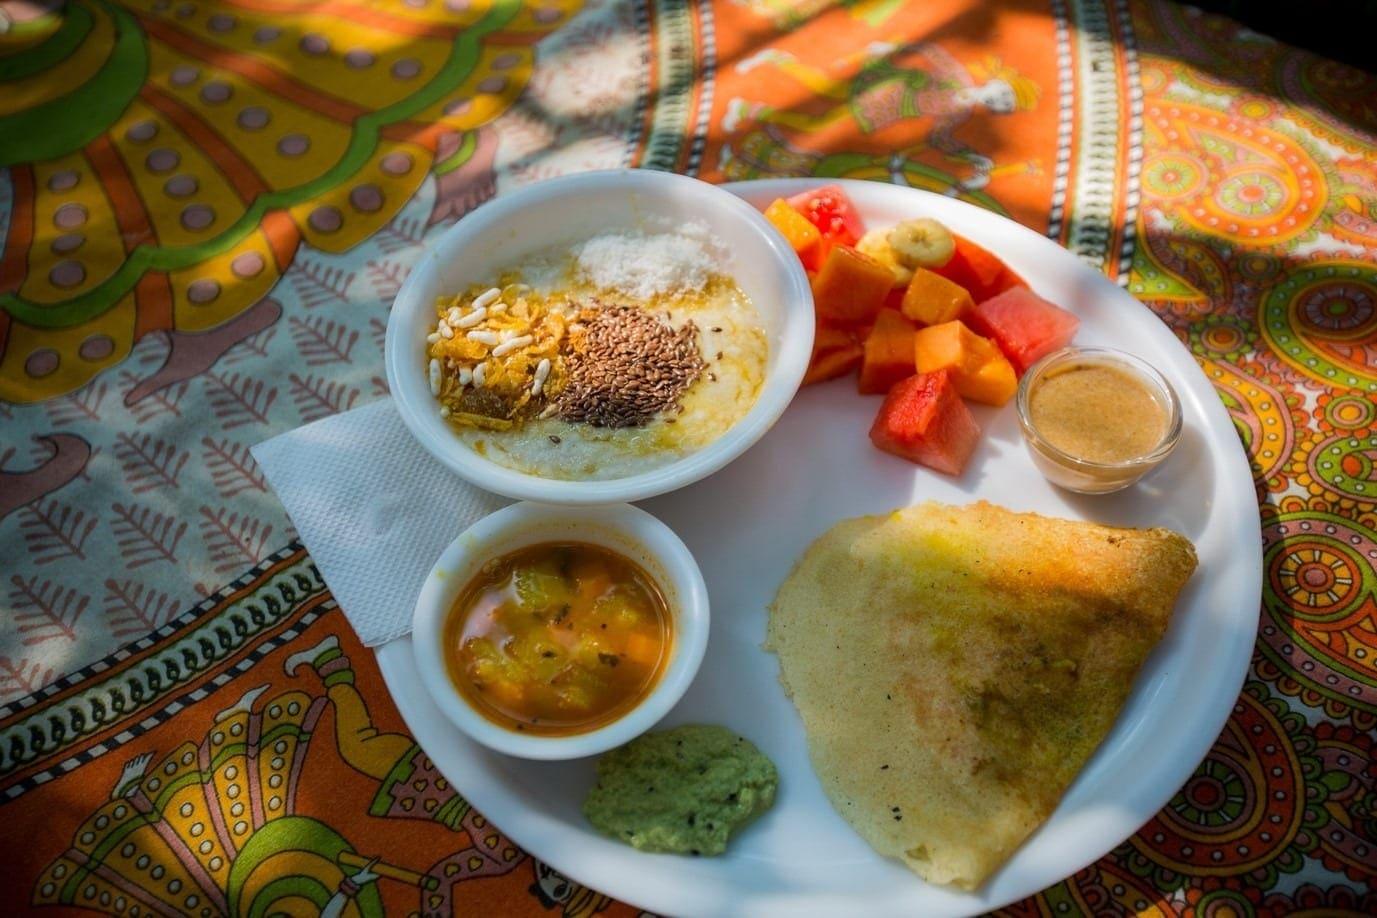 Yoga TTC in India - Vegan Food